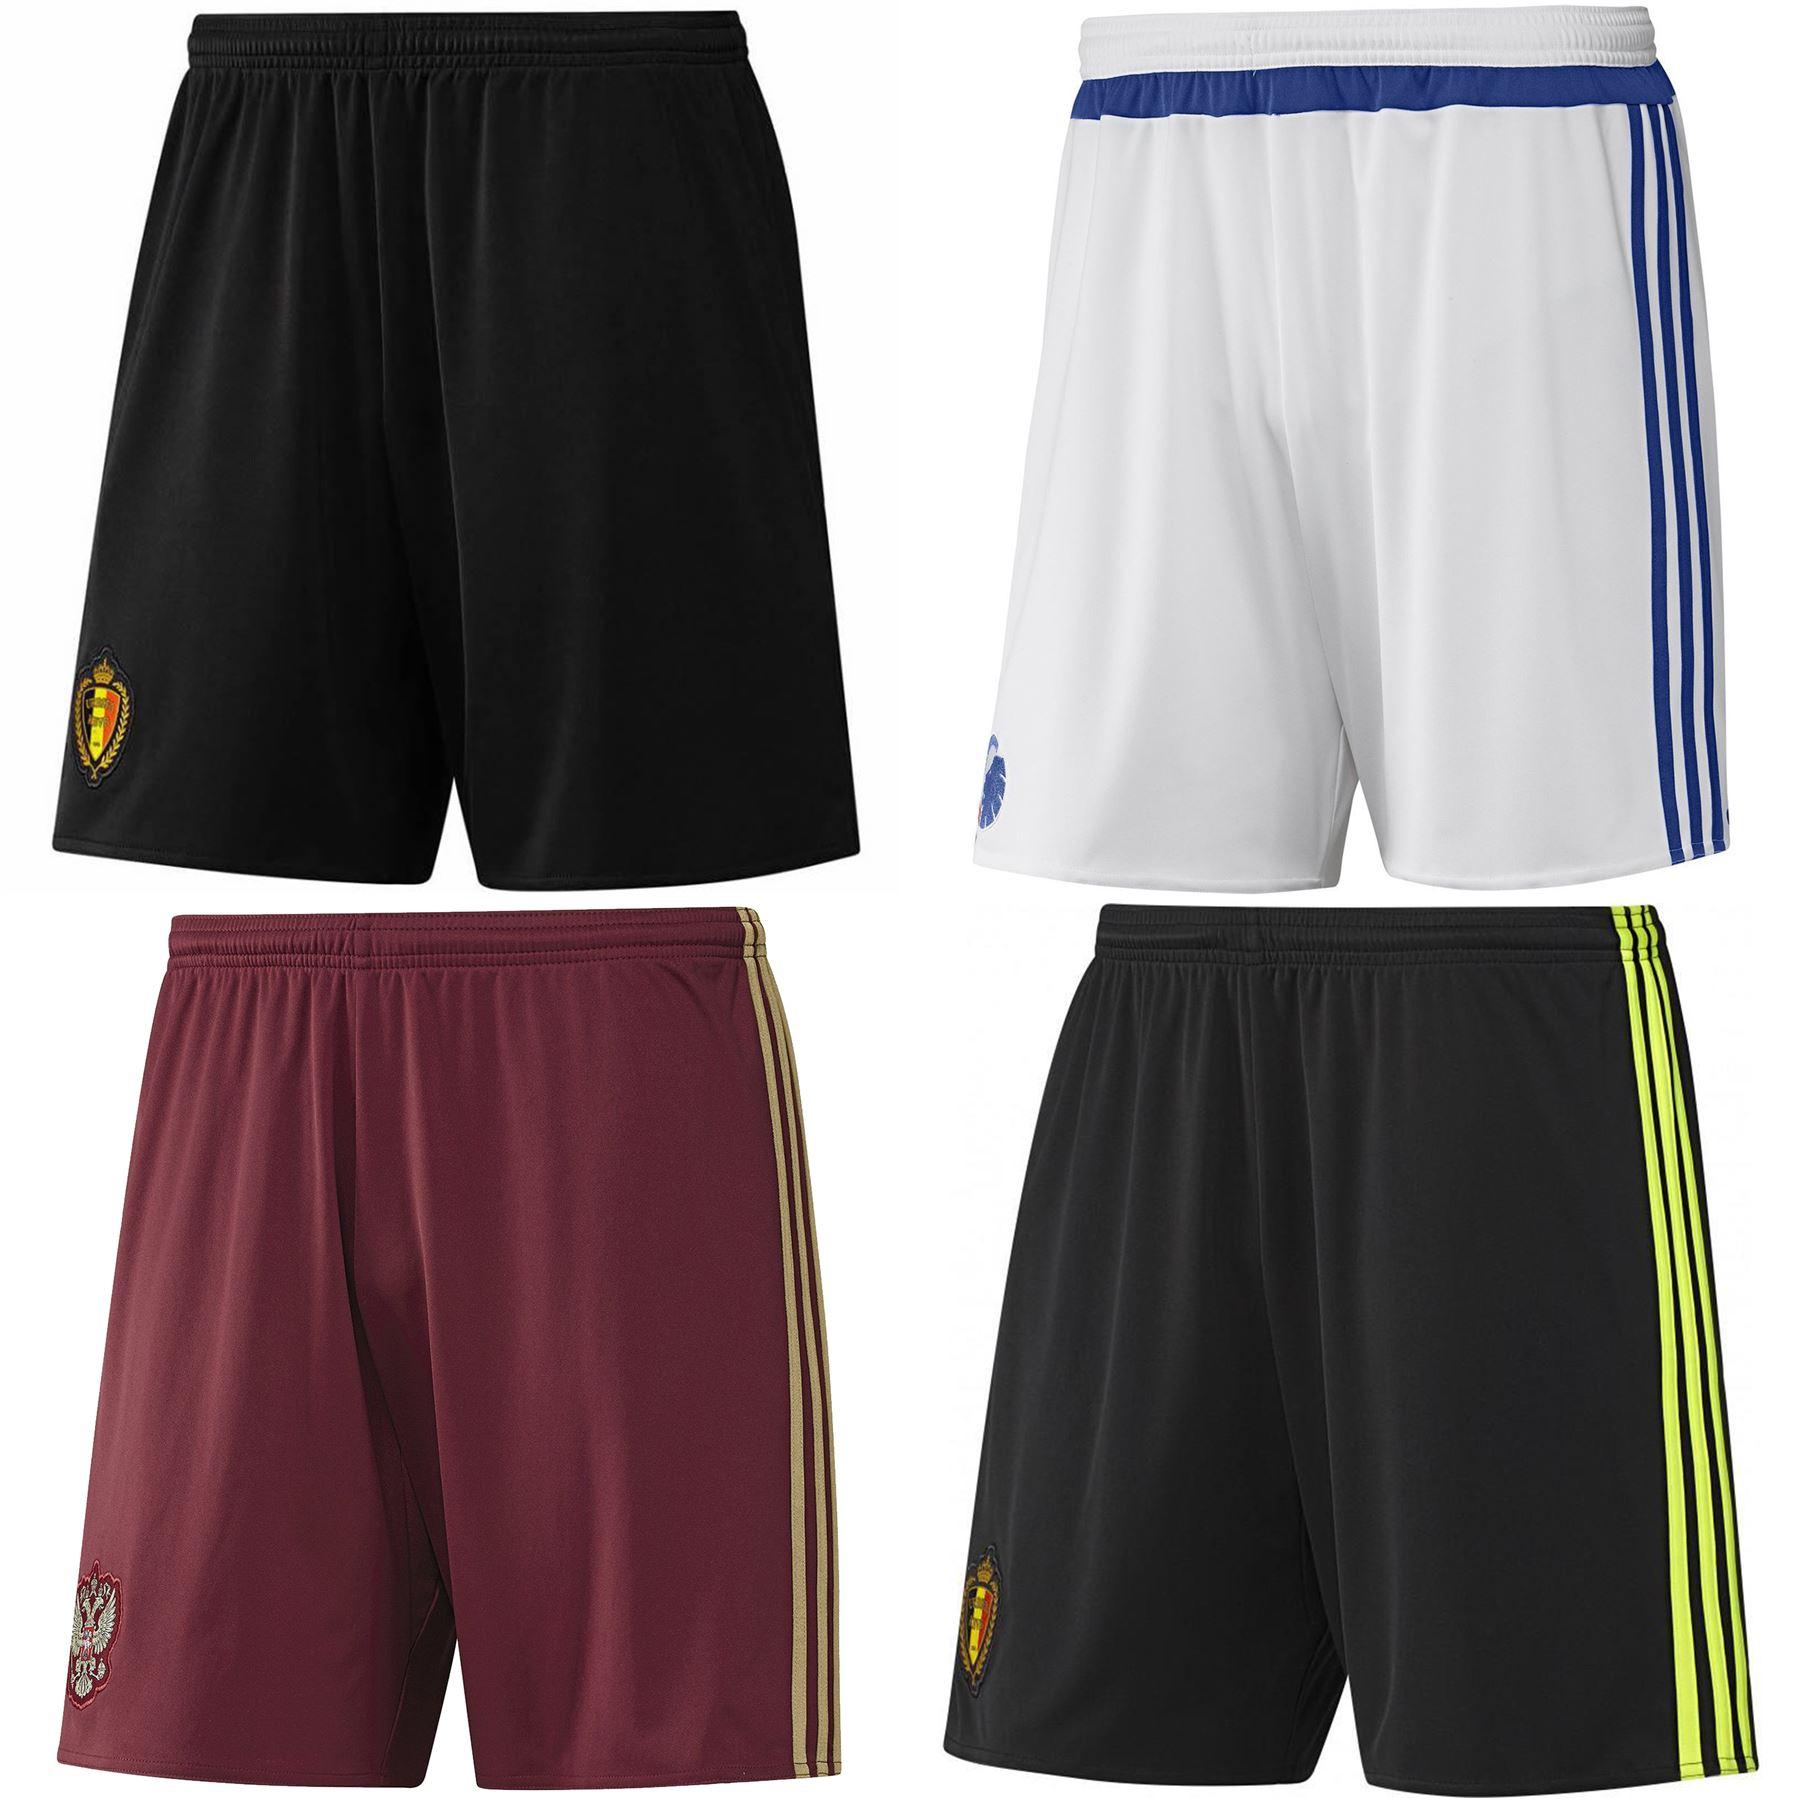 b59a8a94ee802 Adidas Niño Shorts de Fútbol Fútbol Niño Niña Tallas Junior ...